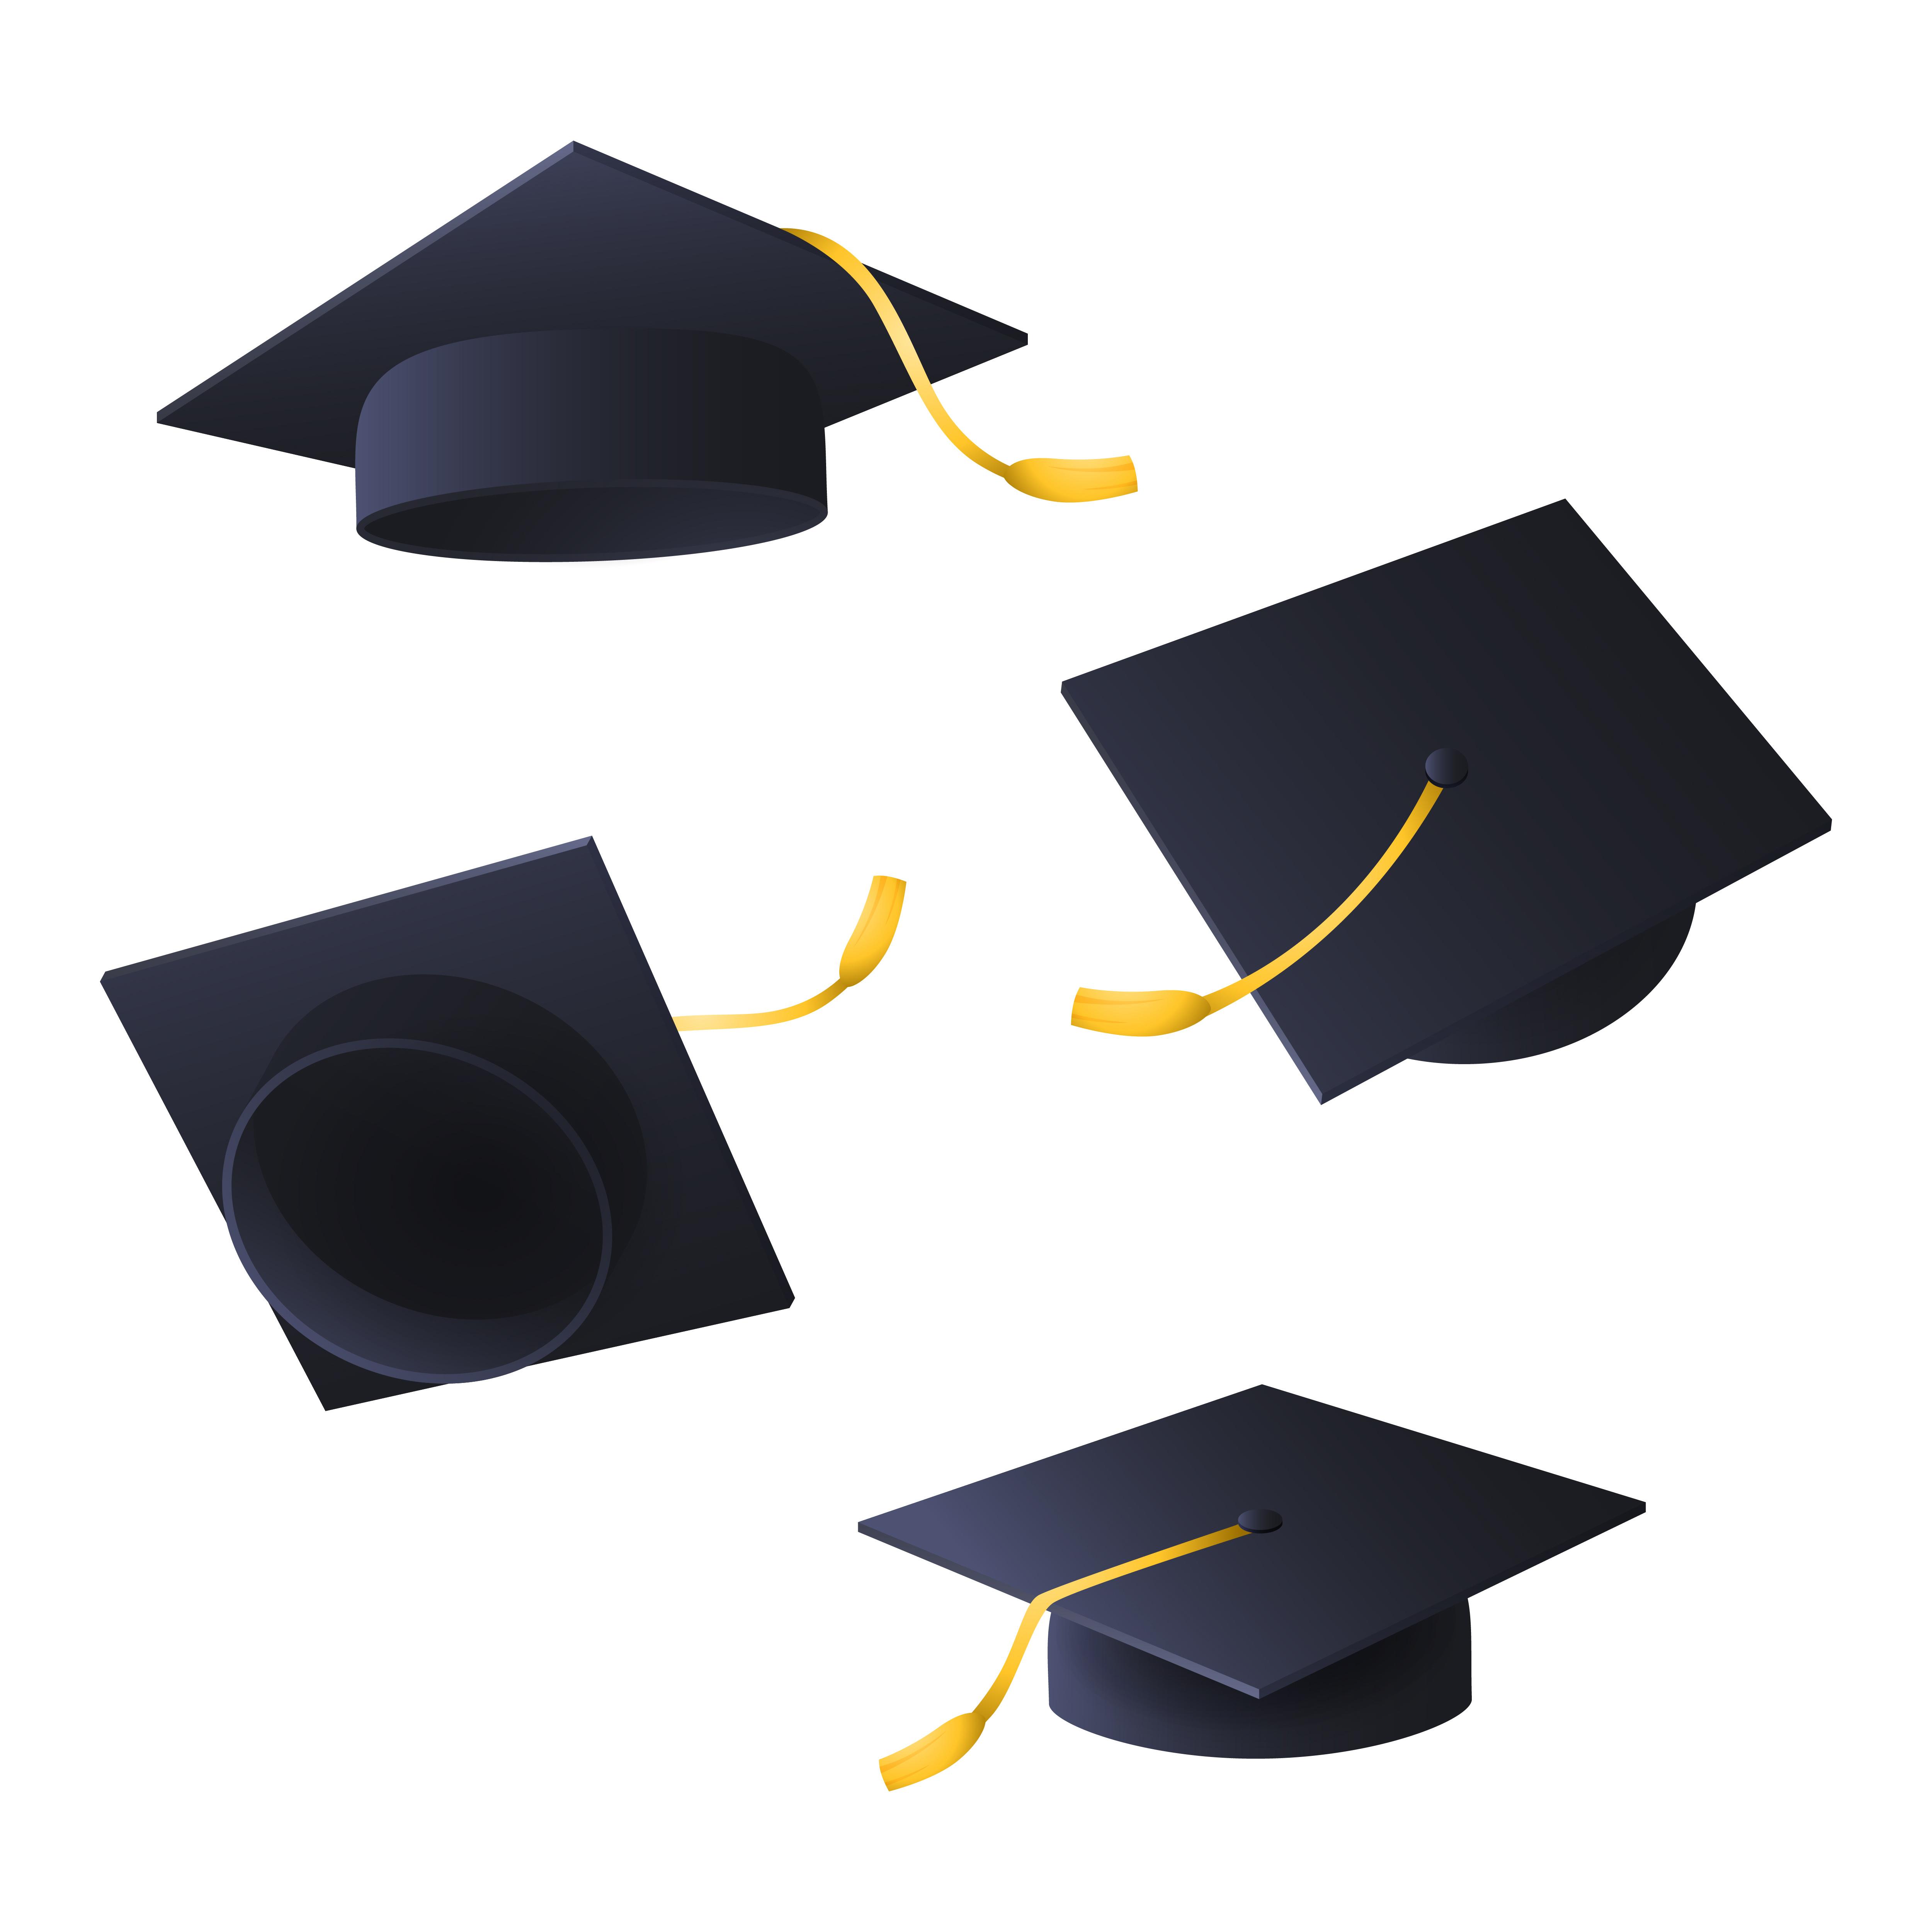 latające czapki absolwentów/Flying graduation caps